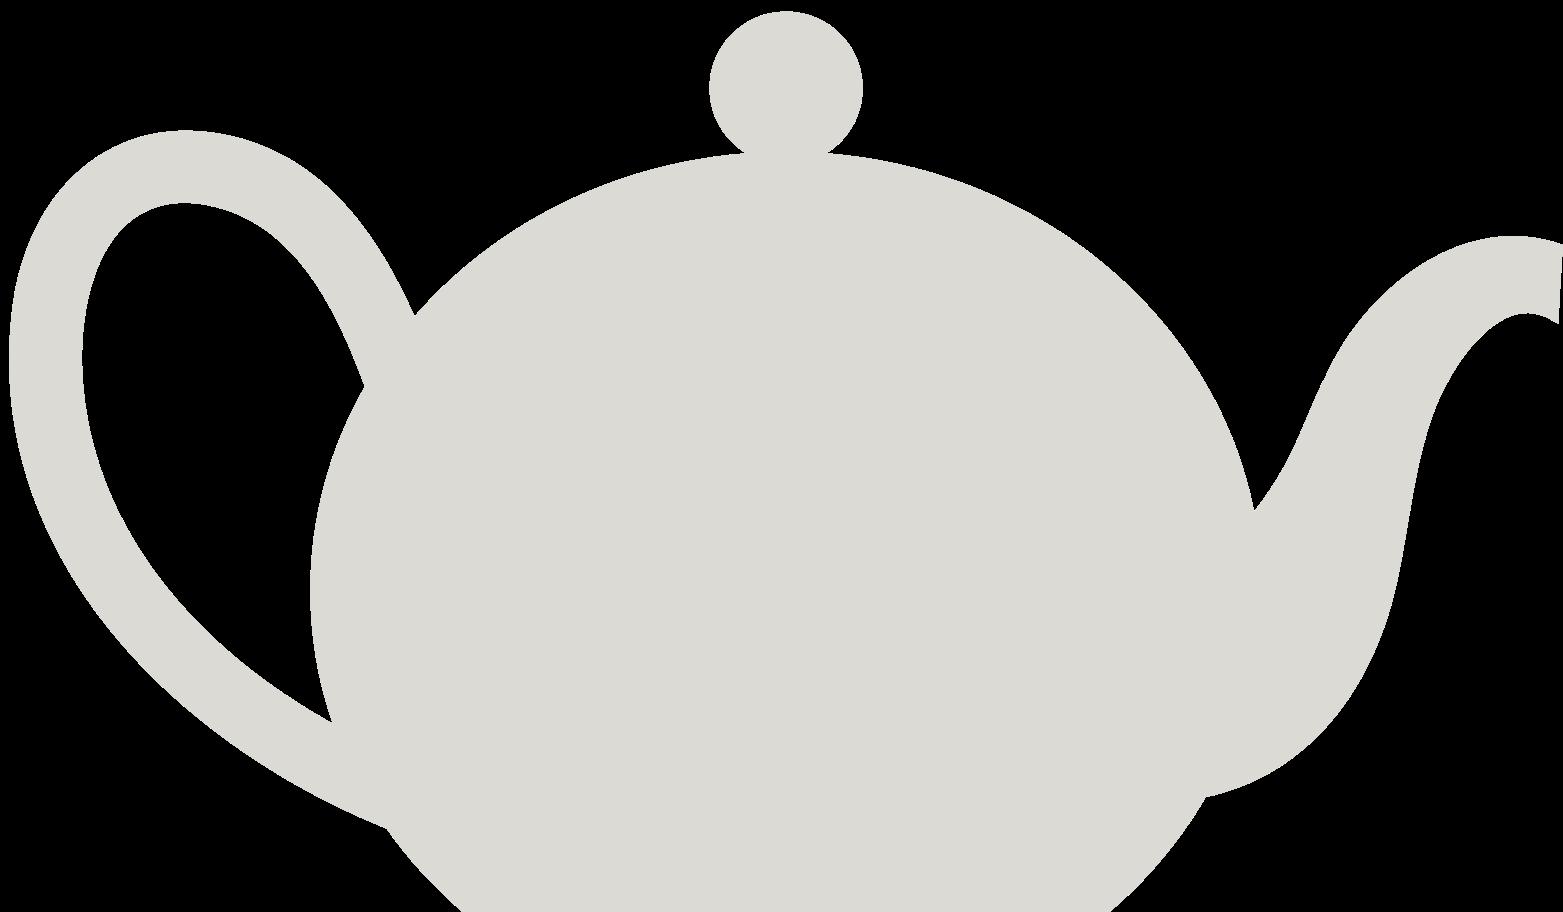 tea set Clipart illustration in PNG, SVG